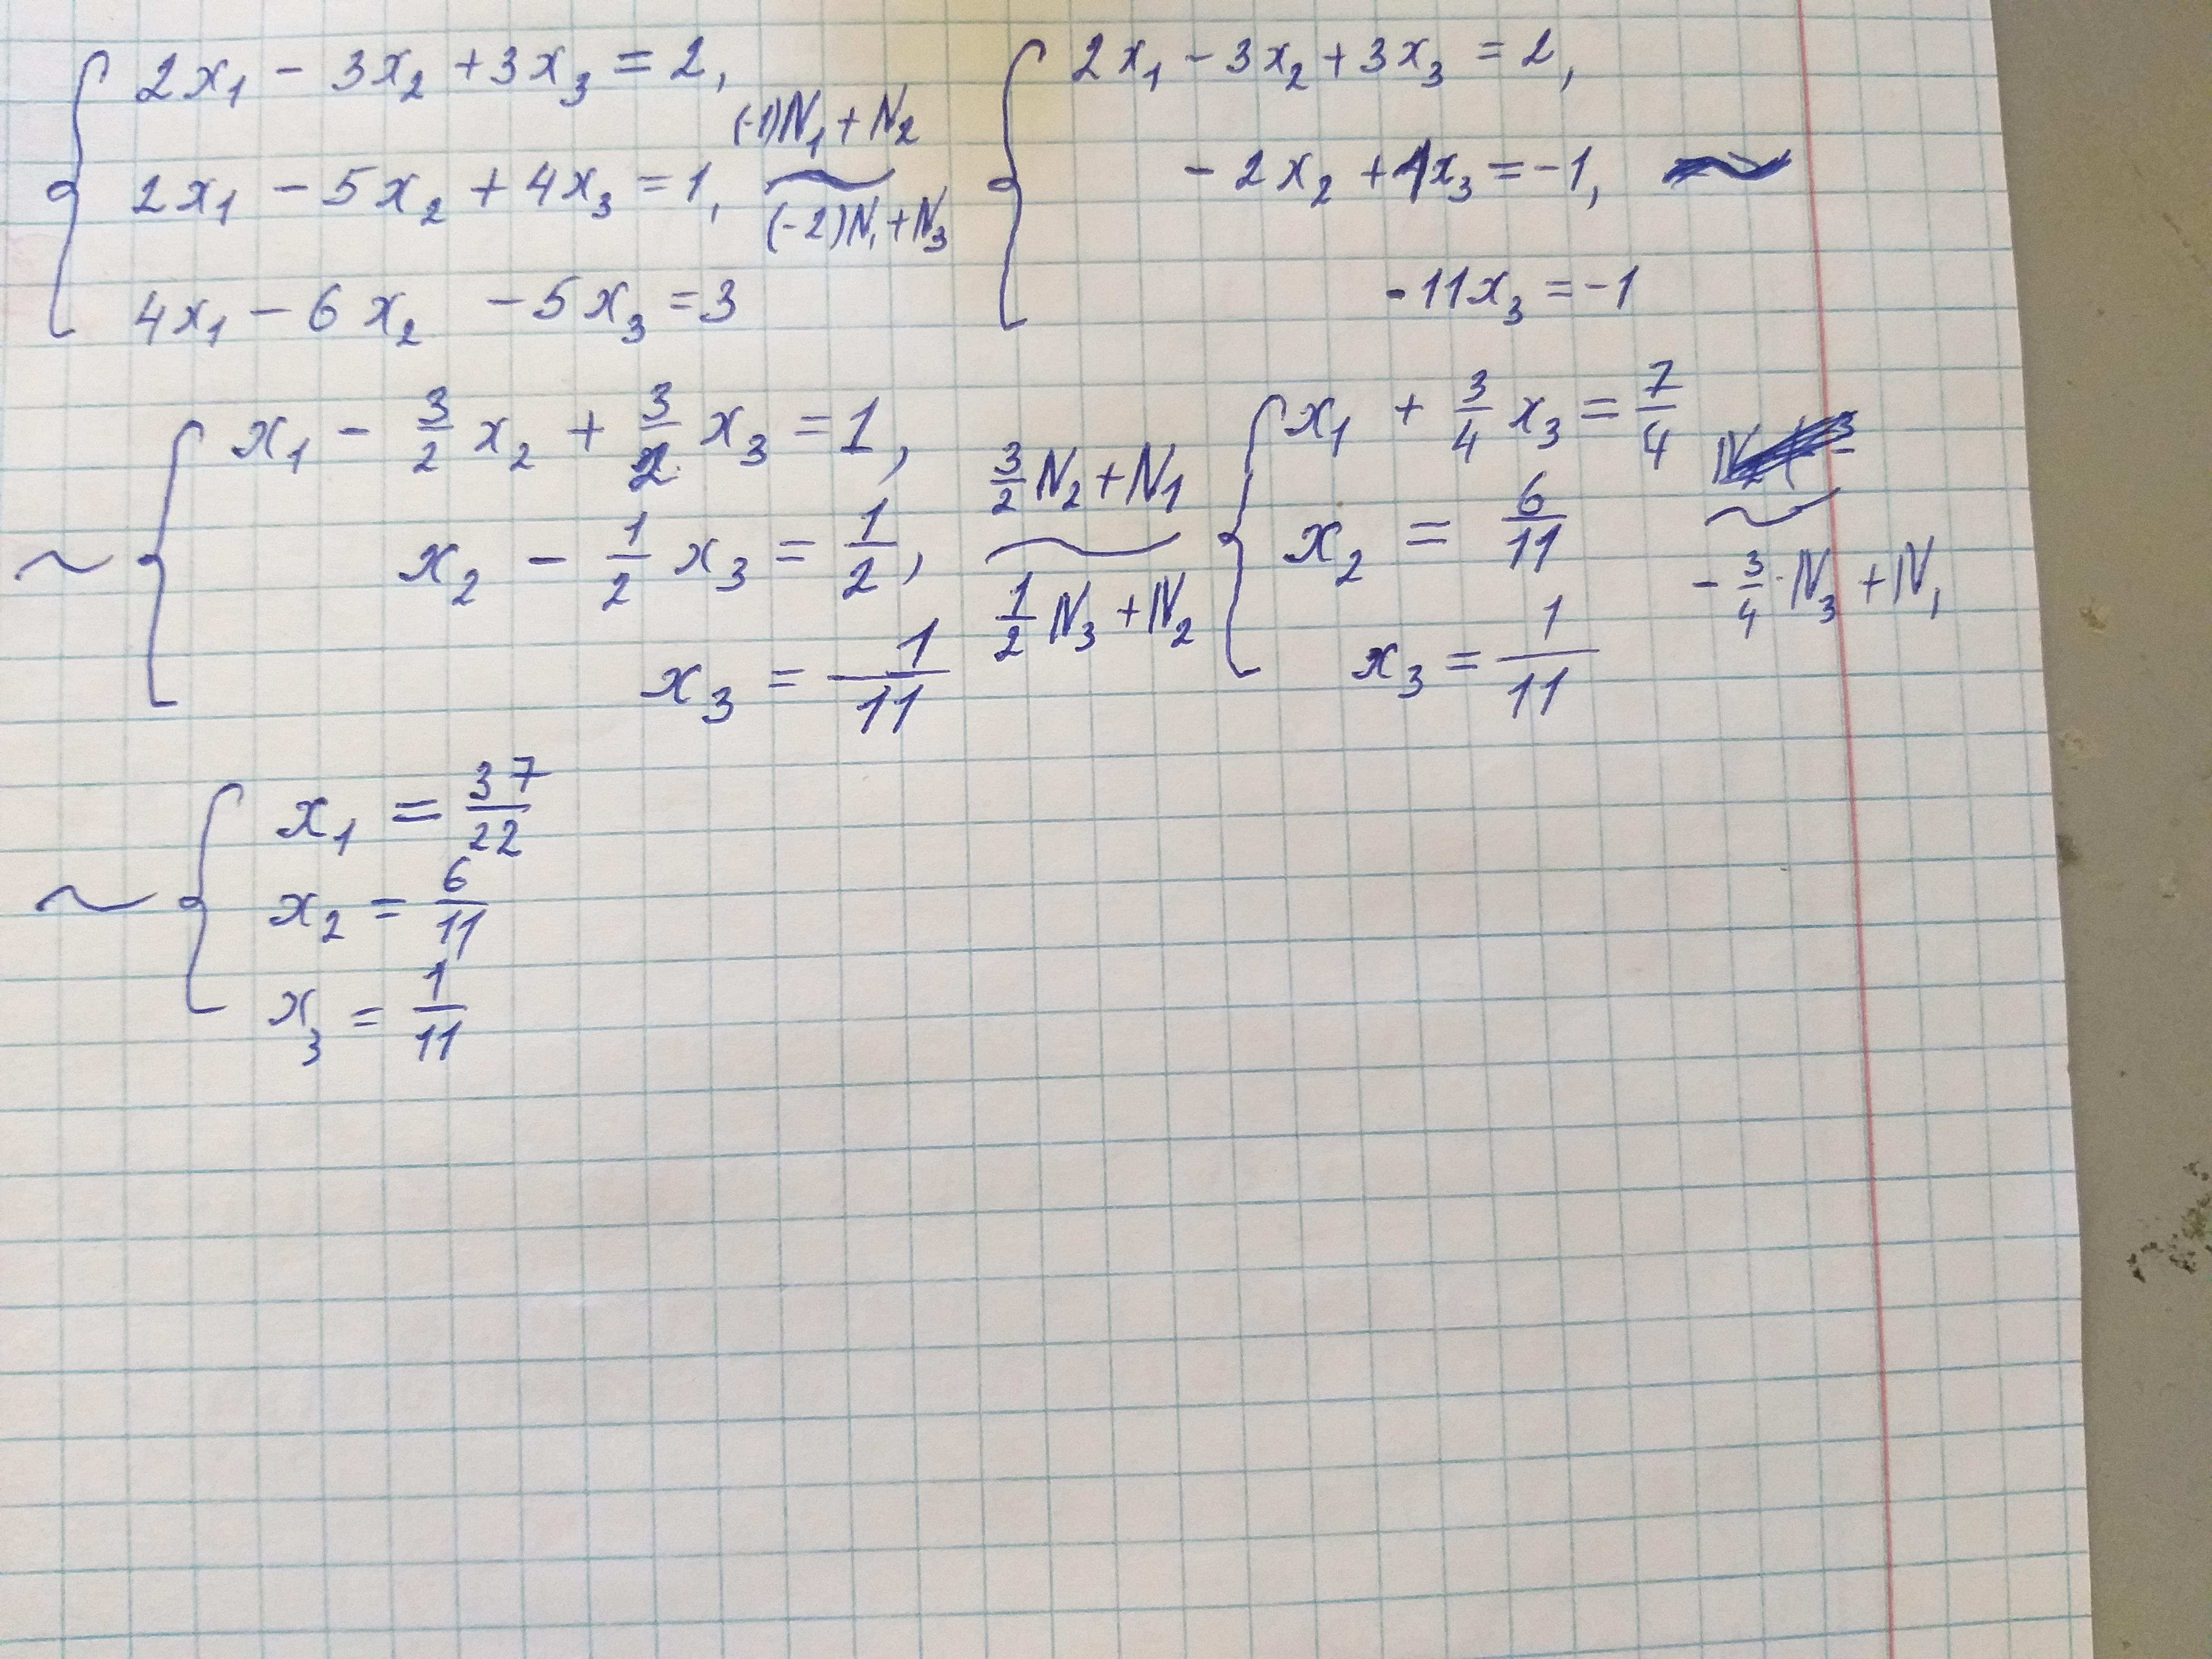 Помогите подалуста, высшая математика методом